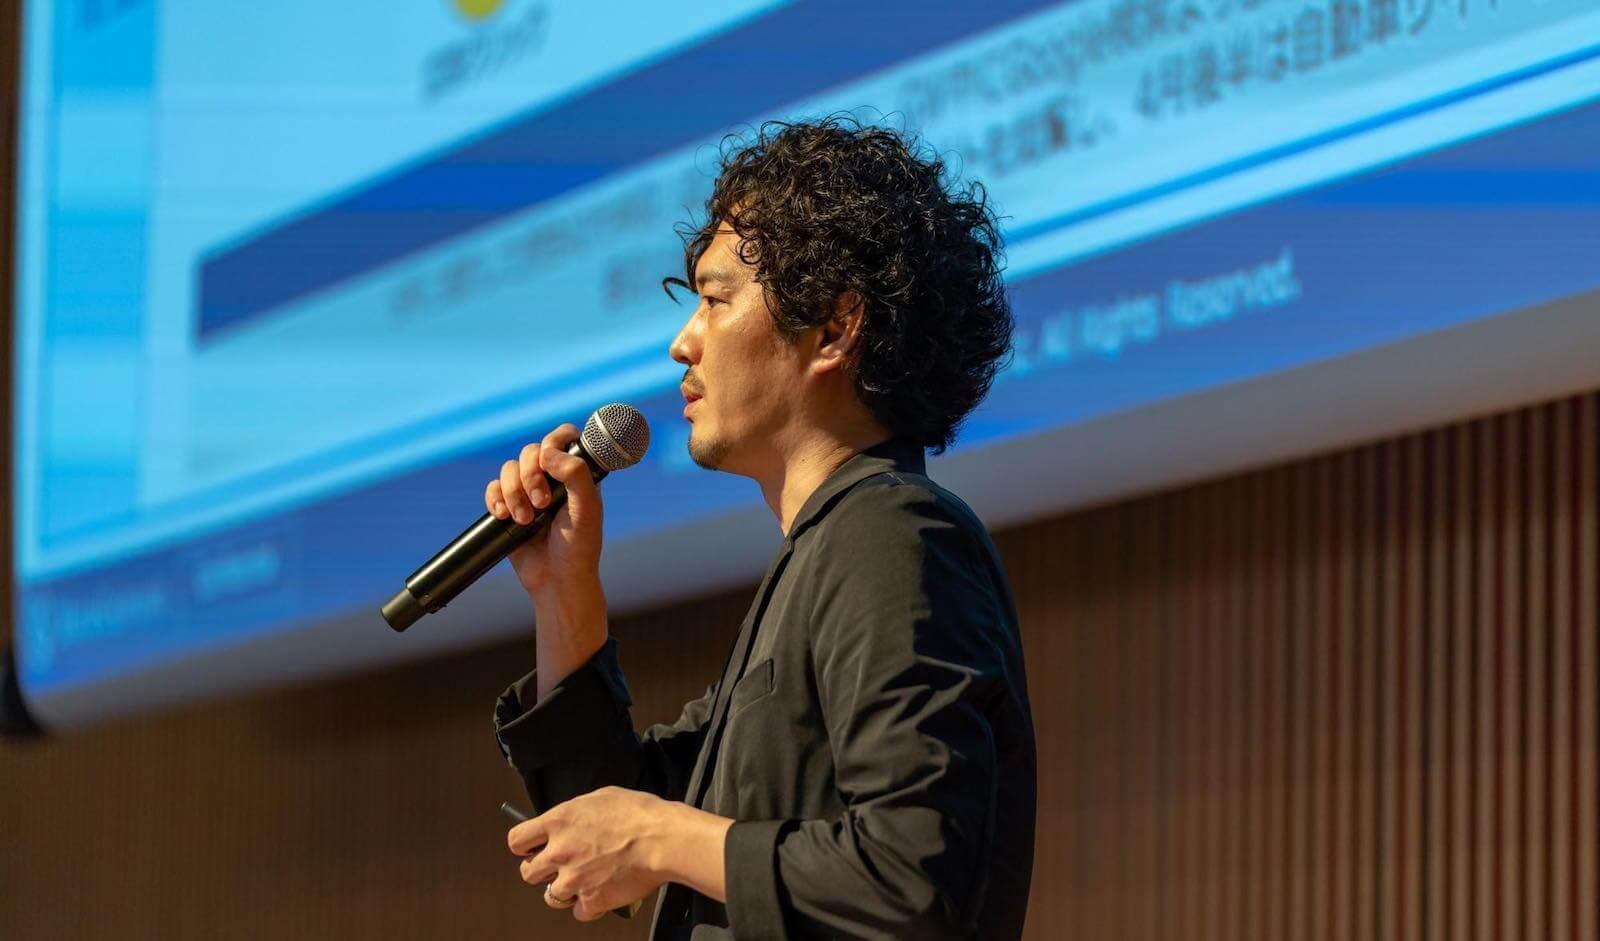 サイバー・コミュニケーションズ データ・ソリューション・ディビジョン ディビジョンマネージャー 兼 DataCurrent 取締役社長 多田哲郎氏